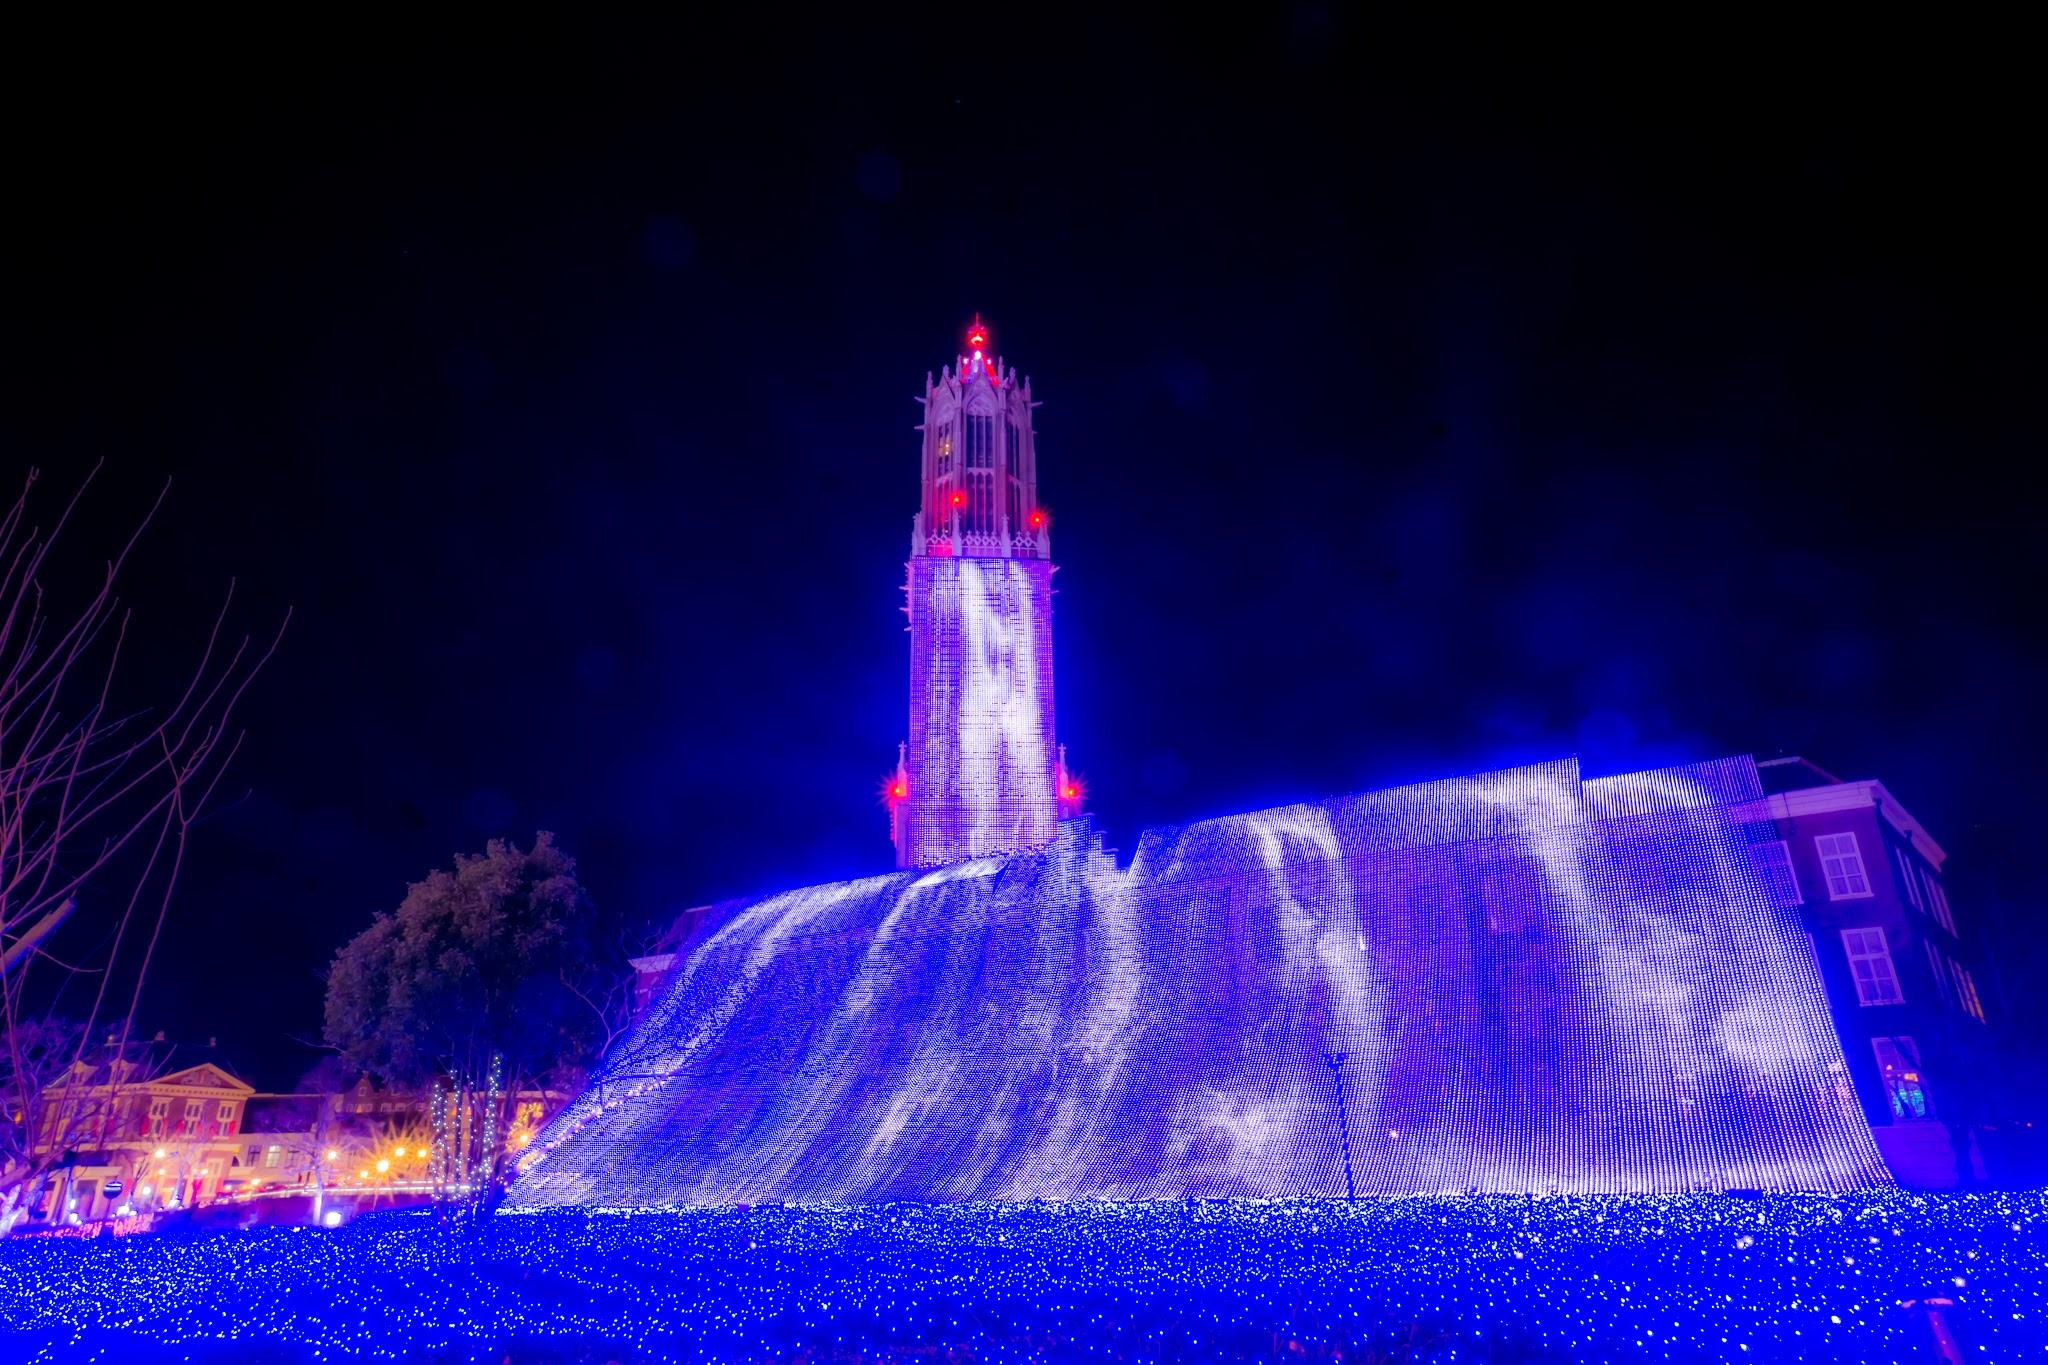 Huis Ten Bosch illumination Kingdom of light Waterfall of light1